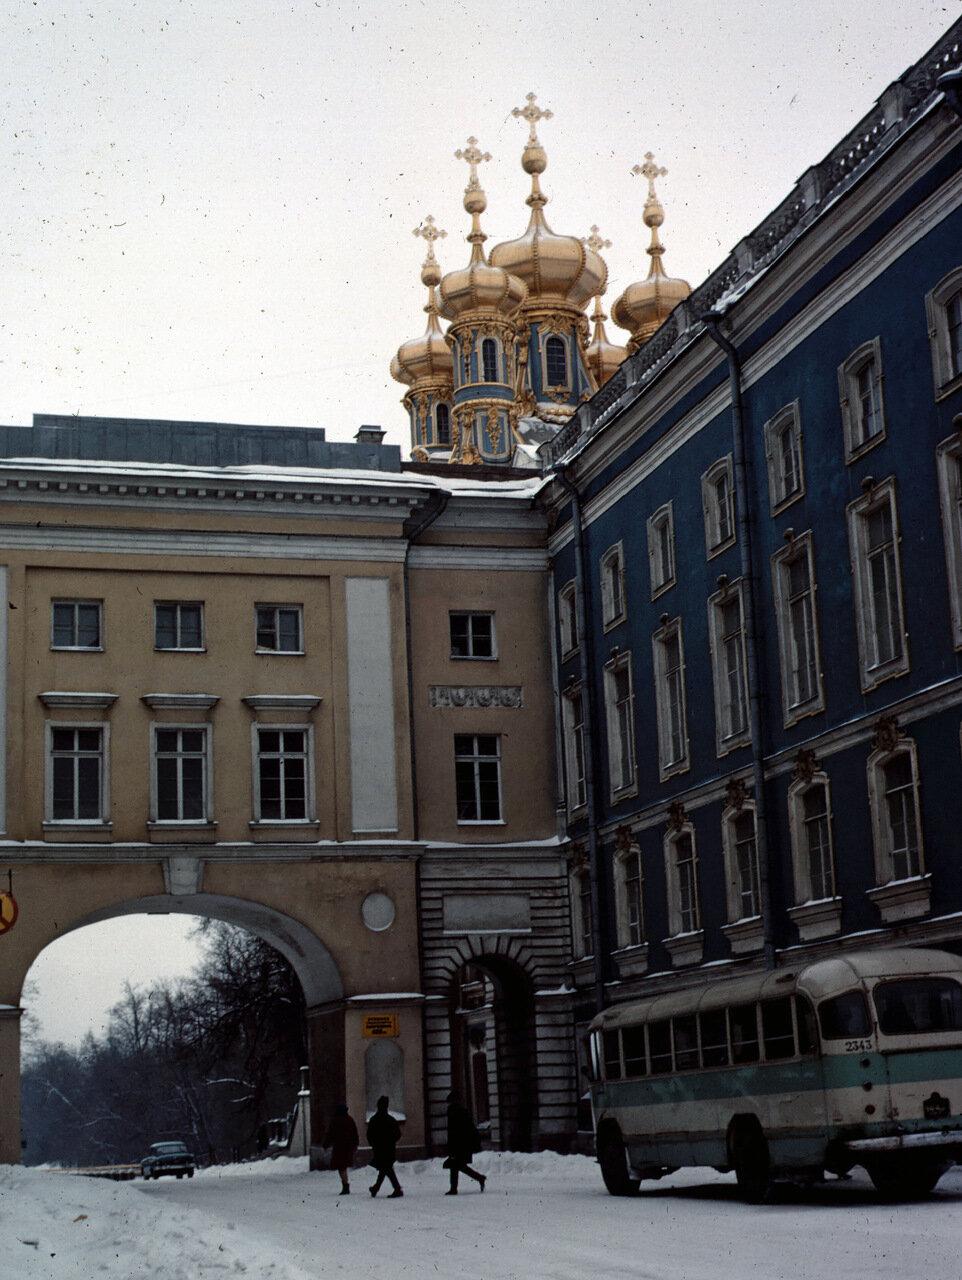 Tsarskoe-selo gate & chapel